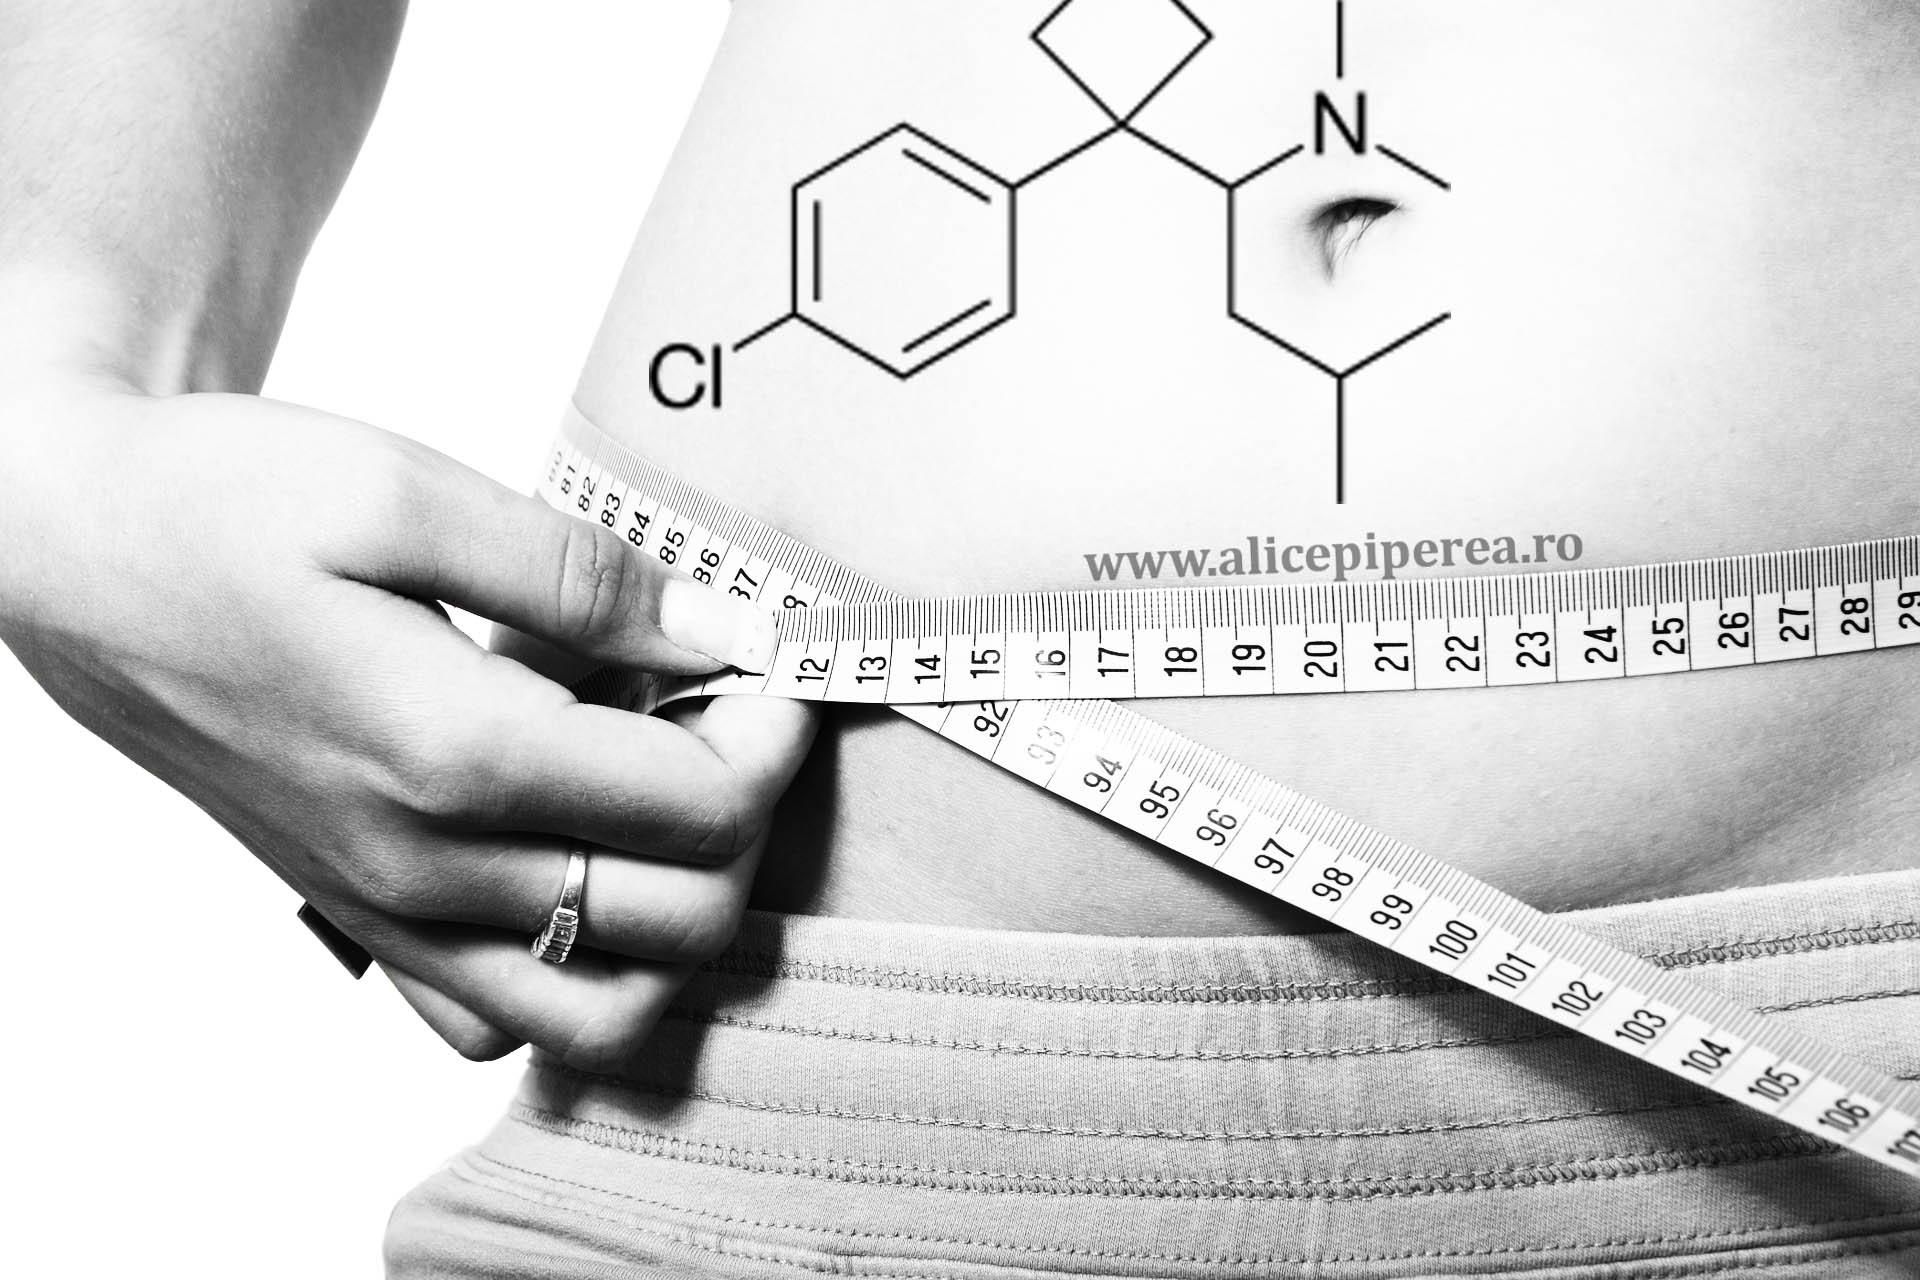 efecte secundare de pierdere în greutate sensa